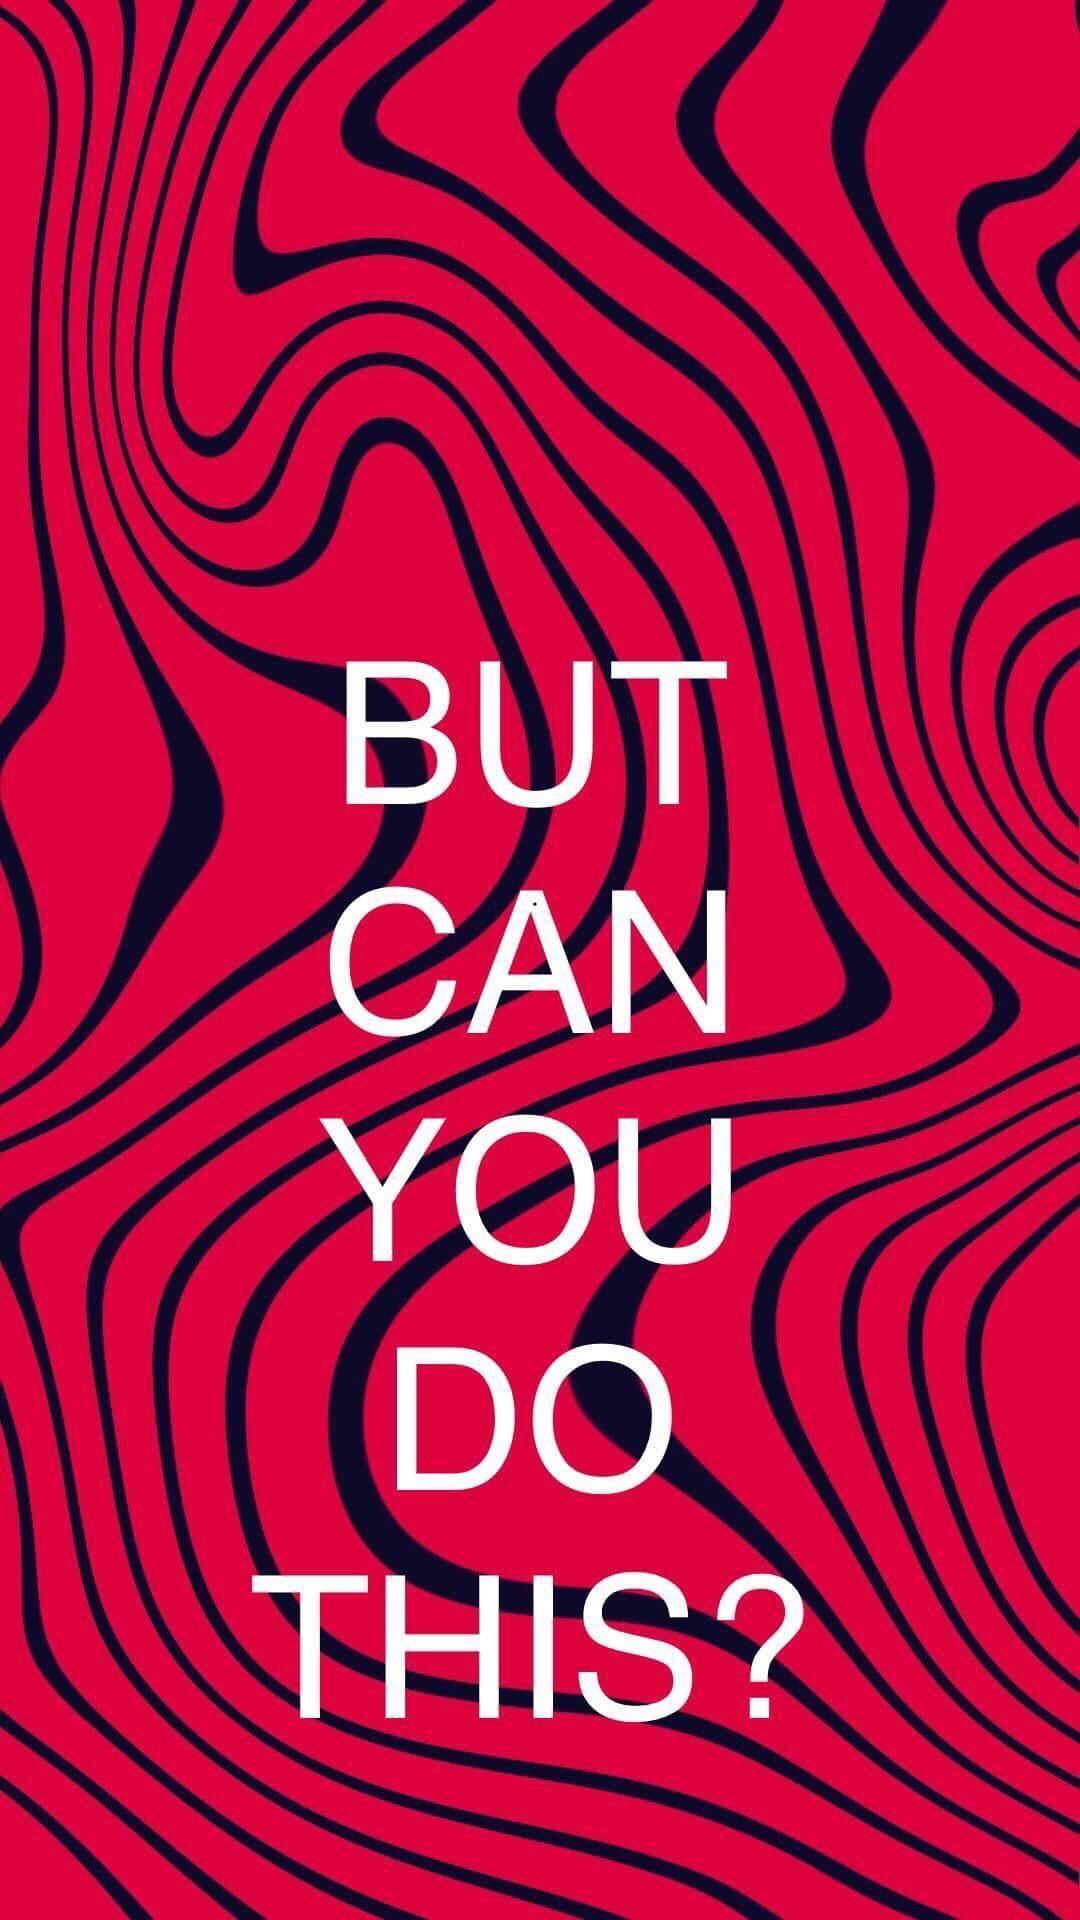 9ea11304 Image result for pewdiepie meme wallpaper | Random Artworks ...